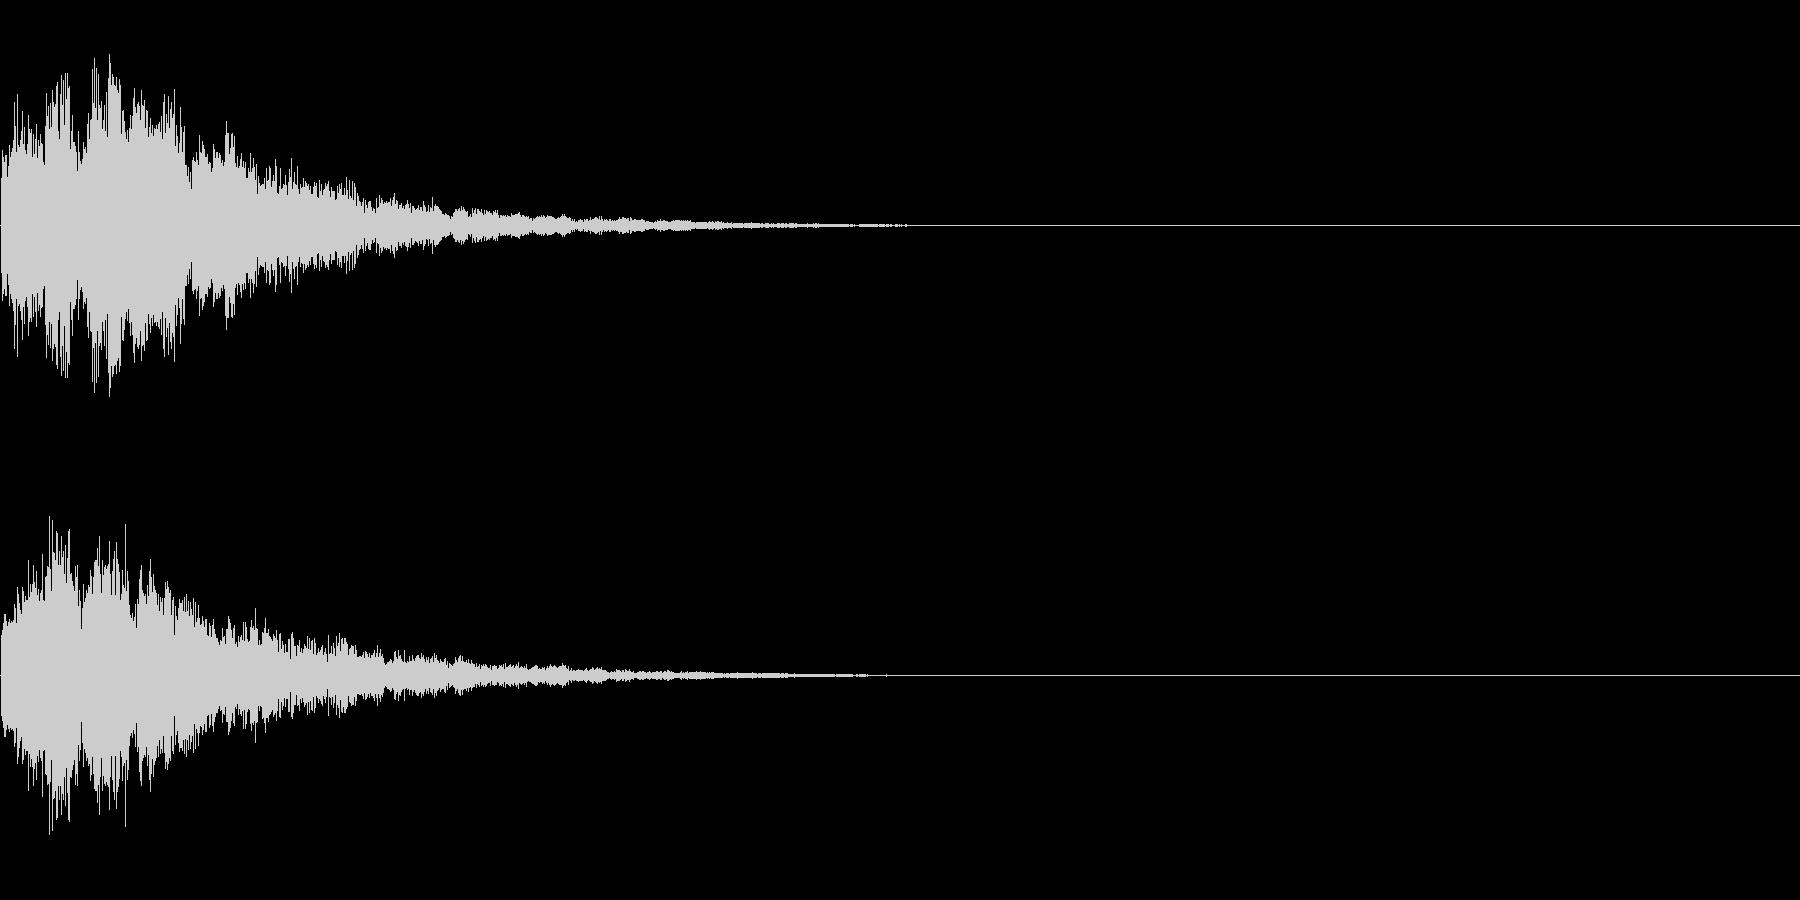 キラーン(アイテム使用音)の未再生の波形